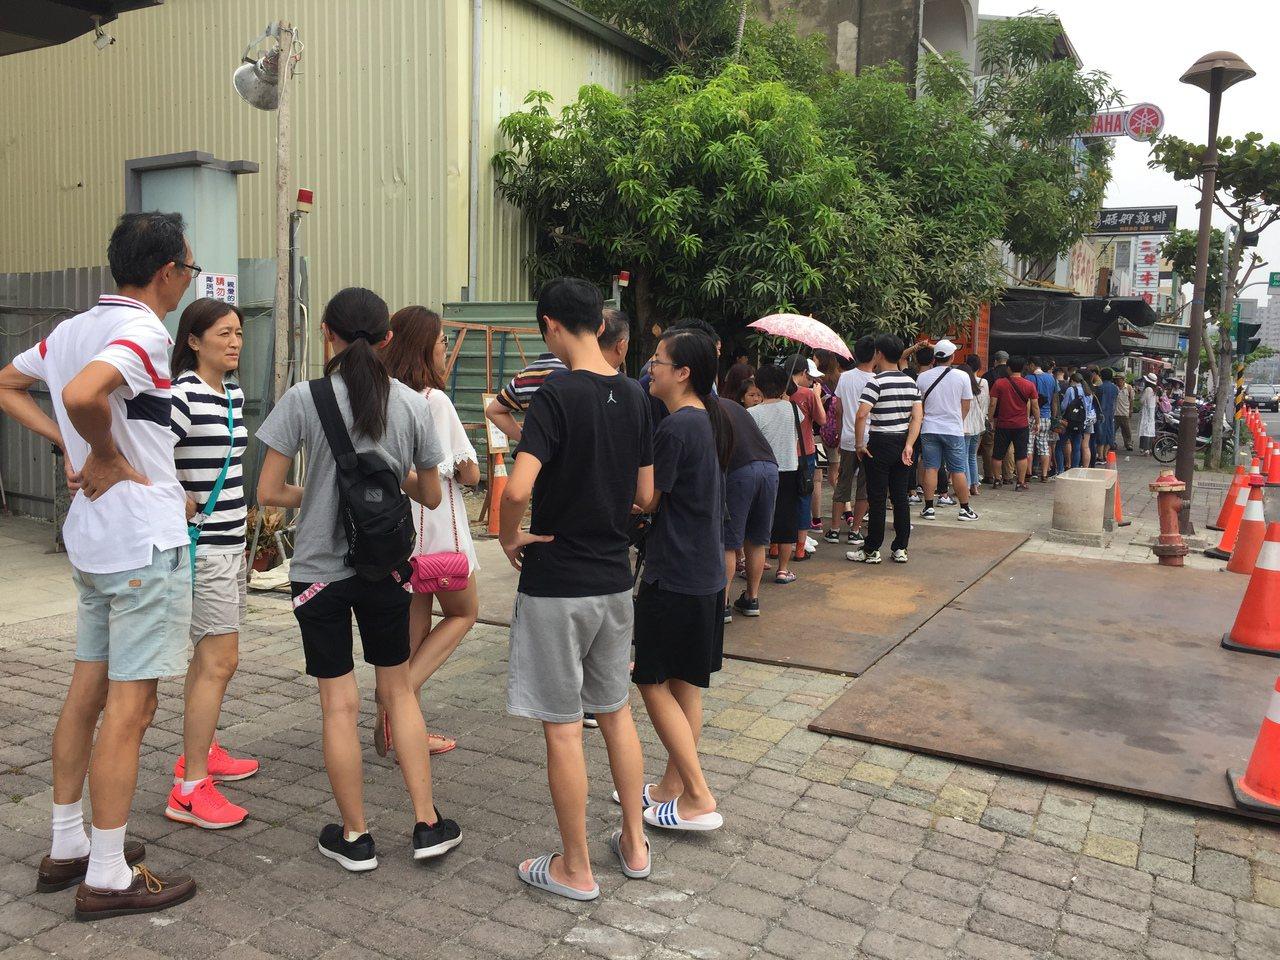 店家前大排長龍,遊客驚呼「排隊是台南人生活日常」。記者邵心杰/攝影